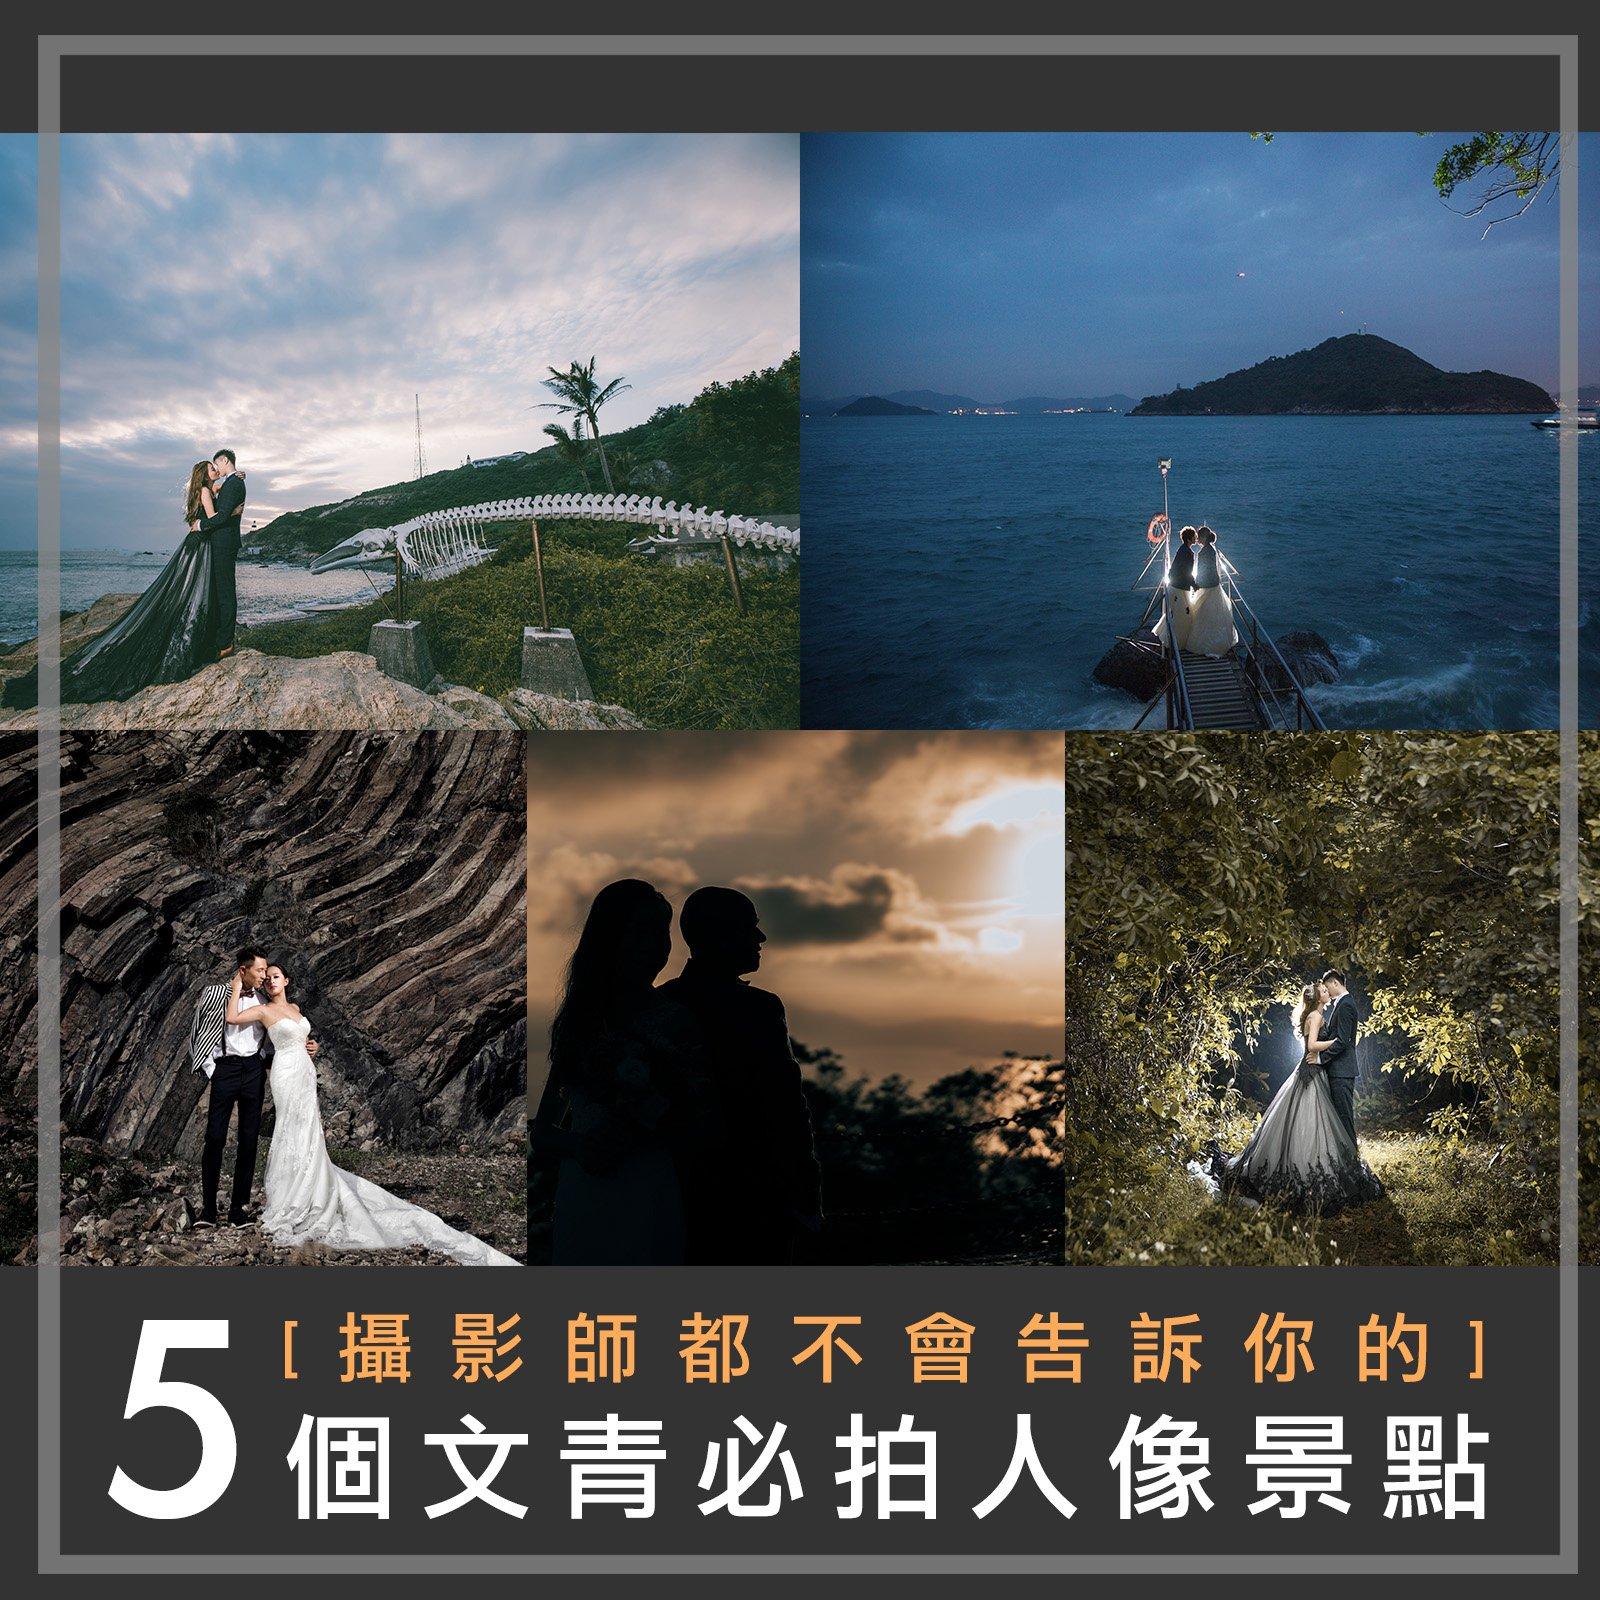 5個文青必拍人像景點